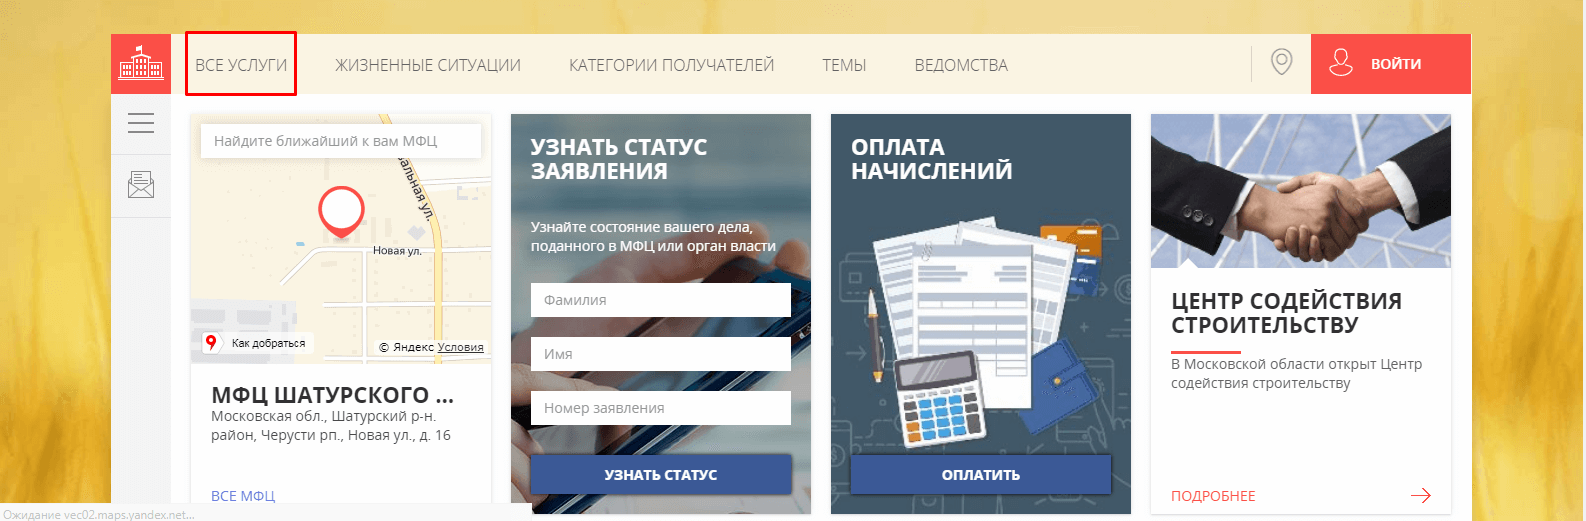 портал госуслуг московской области